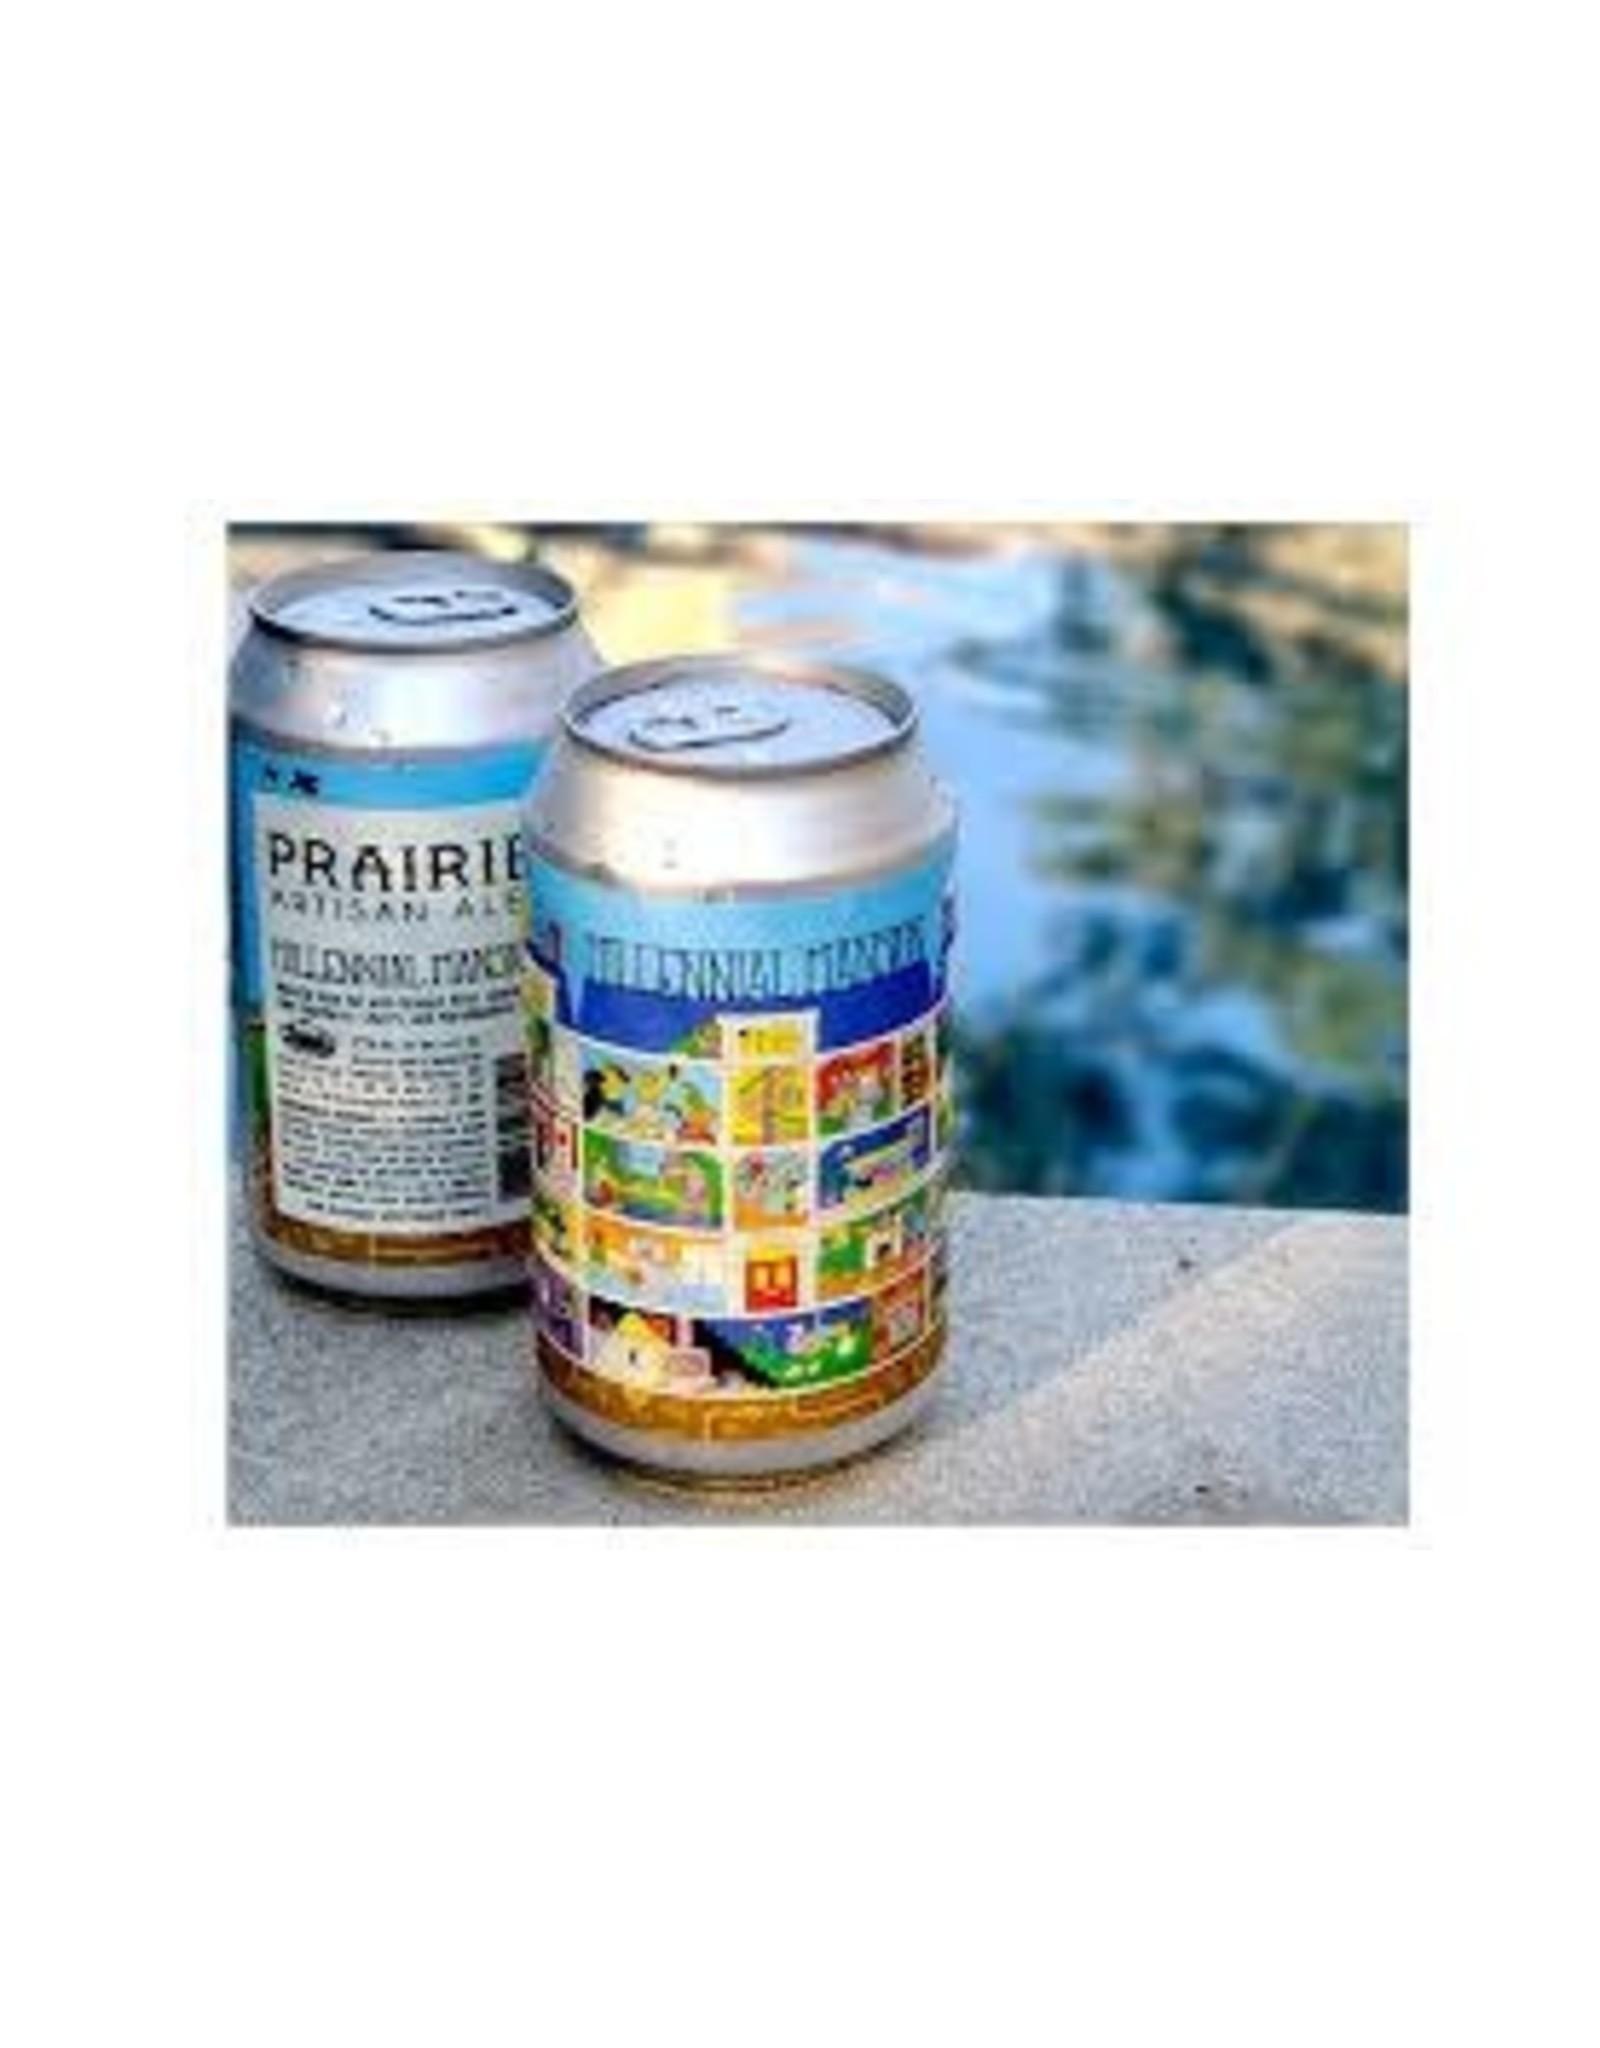 Prairie Prairie Millennial 4pk can